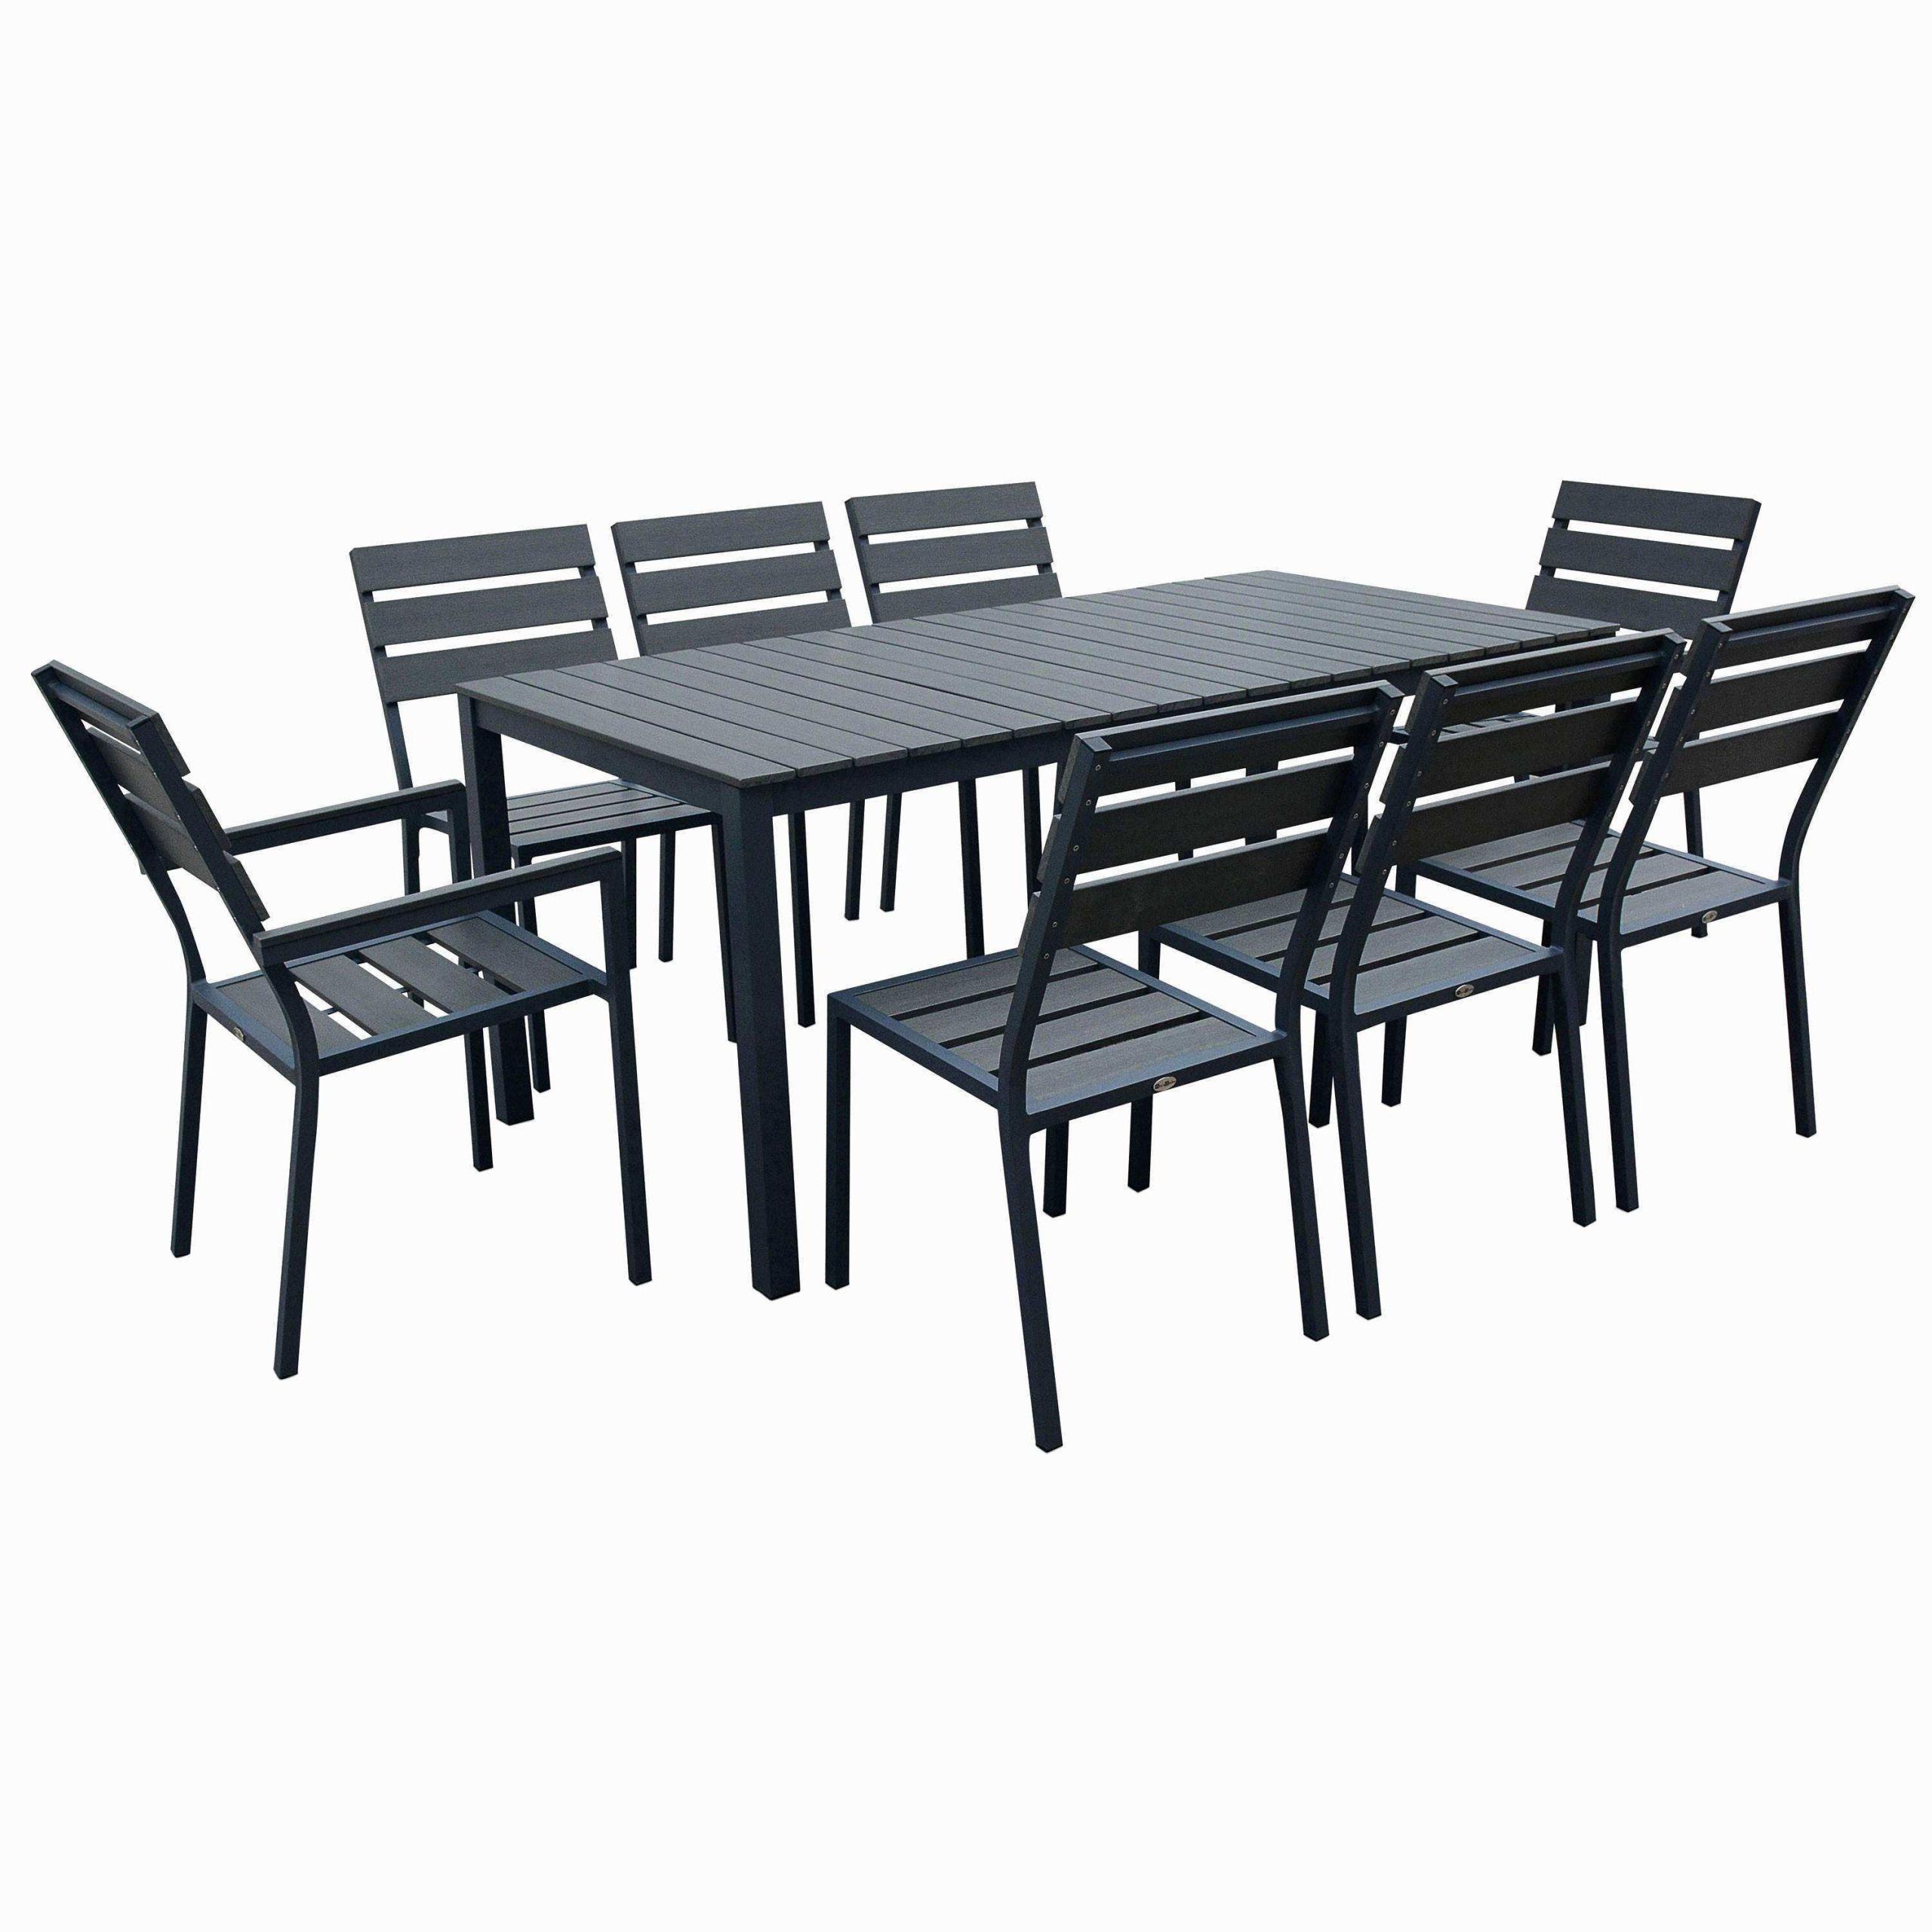 Table Chaise Terrasse Élégant Table Terrasse Pas Cher ... concernant Table Et Chaises De Jardin Pas Cher